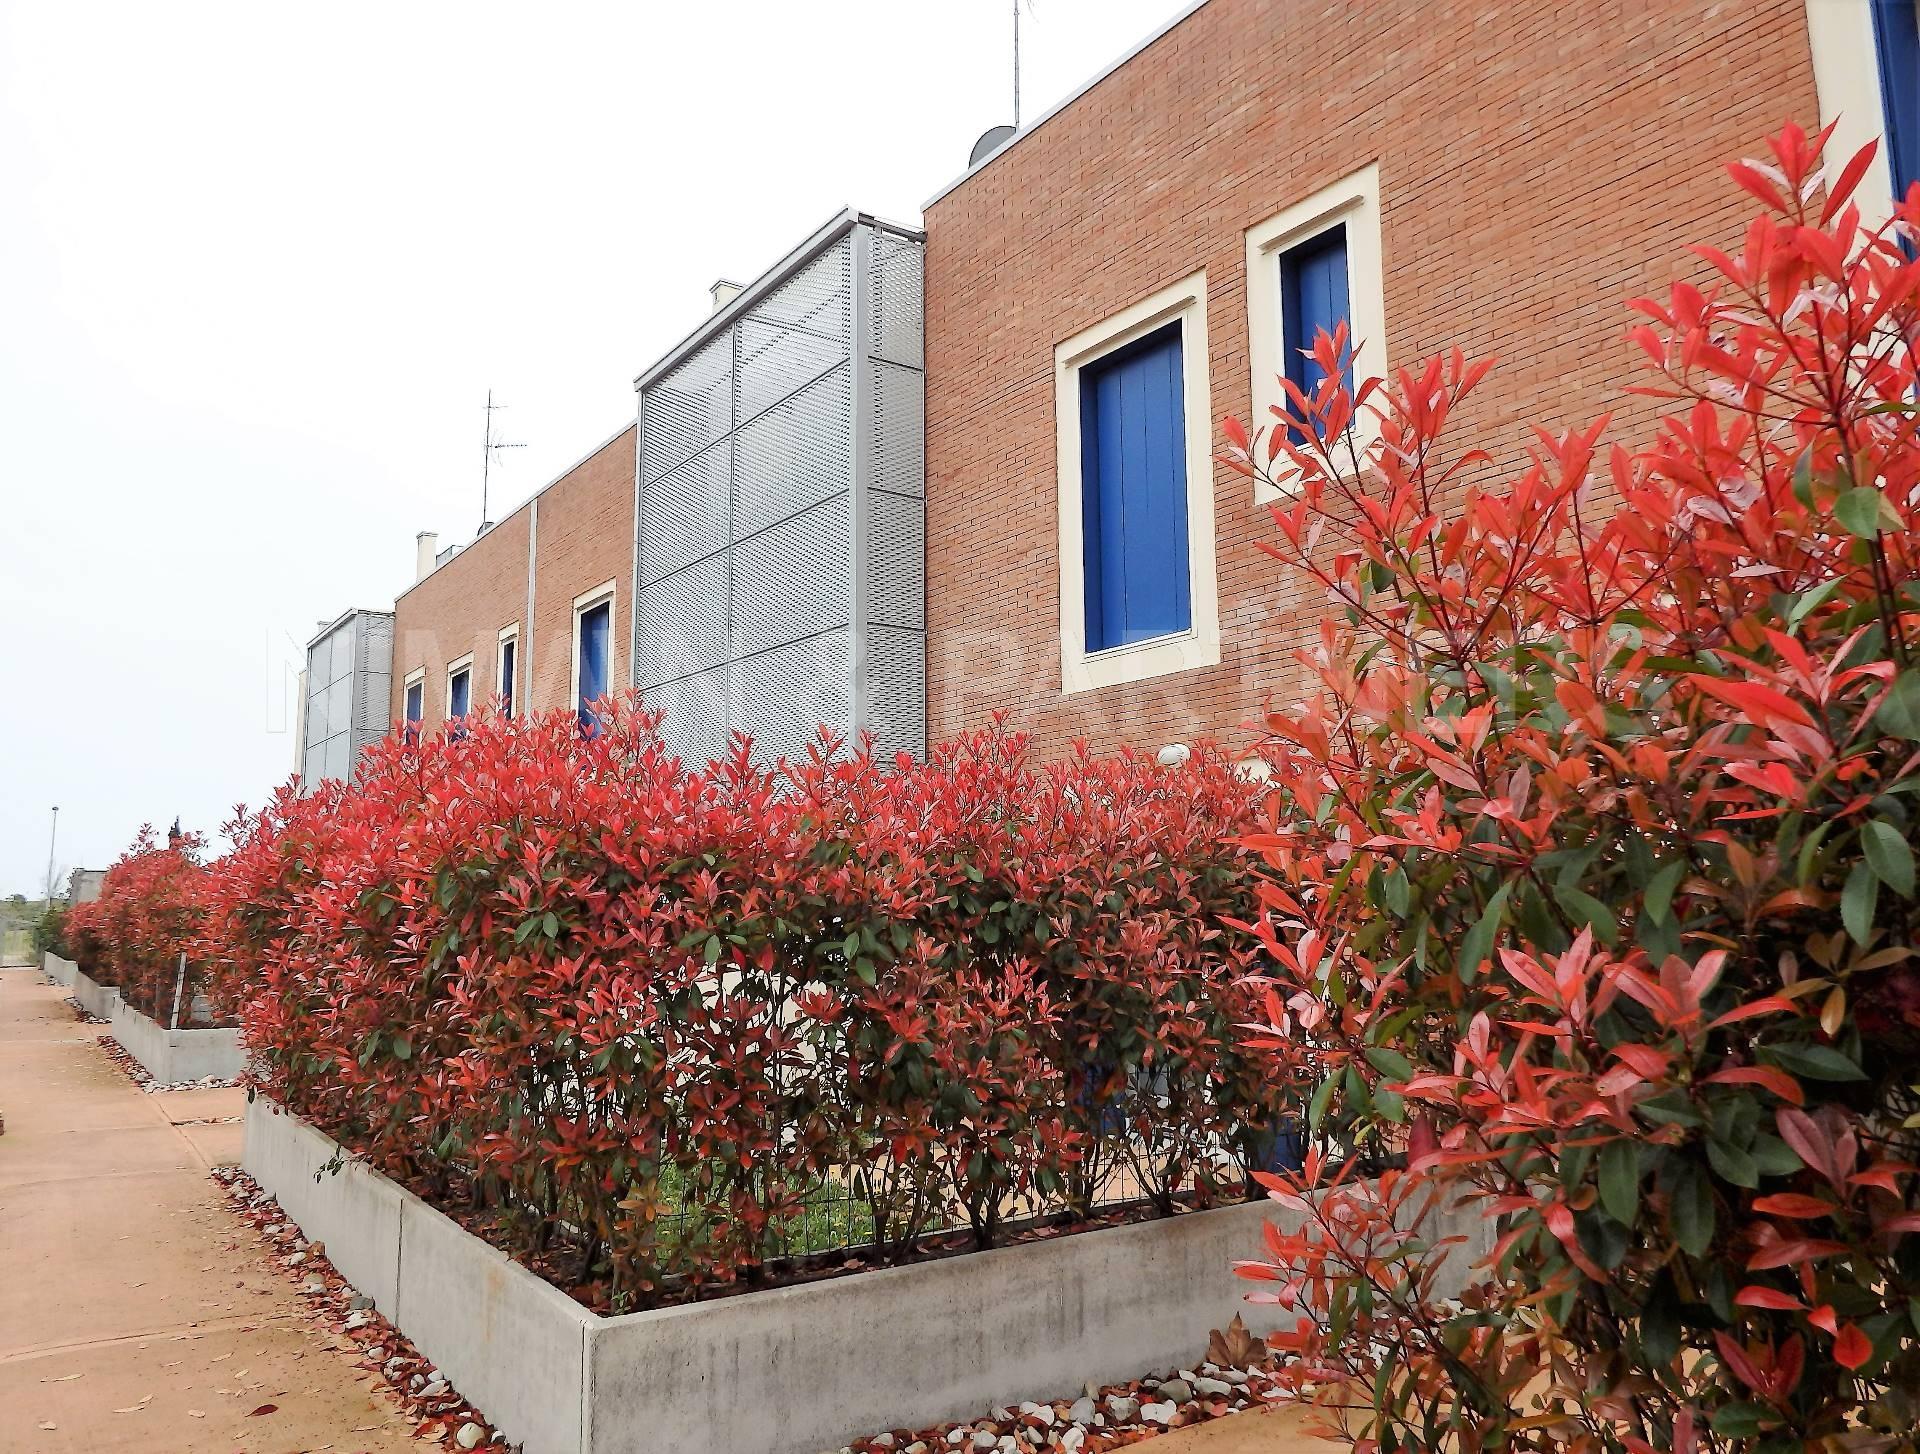 Appartamento in vendita a Venezia, 2 locali, zona Zona: 8 . Lido, prezzo € 385.000 | Cambio Casa.it